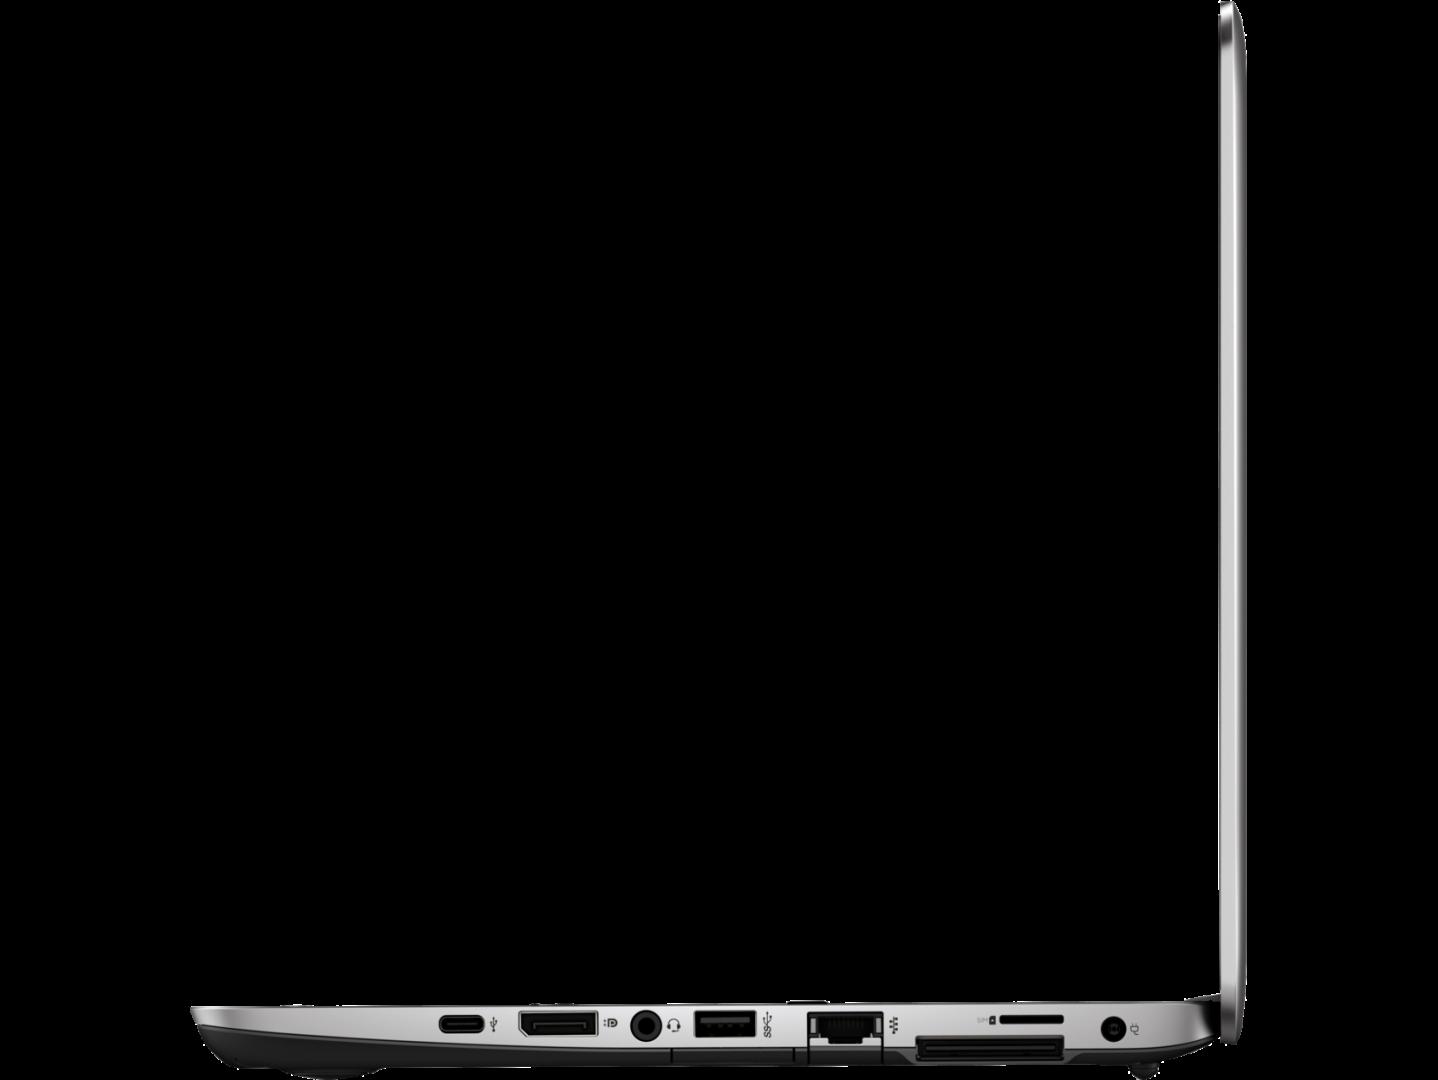 Paremal küljel USB Type-C, DisplayPort 1.2, Audio combo jack, USB 3.0, RJ-45, dokkimisliides, SIM-kaardi pesa